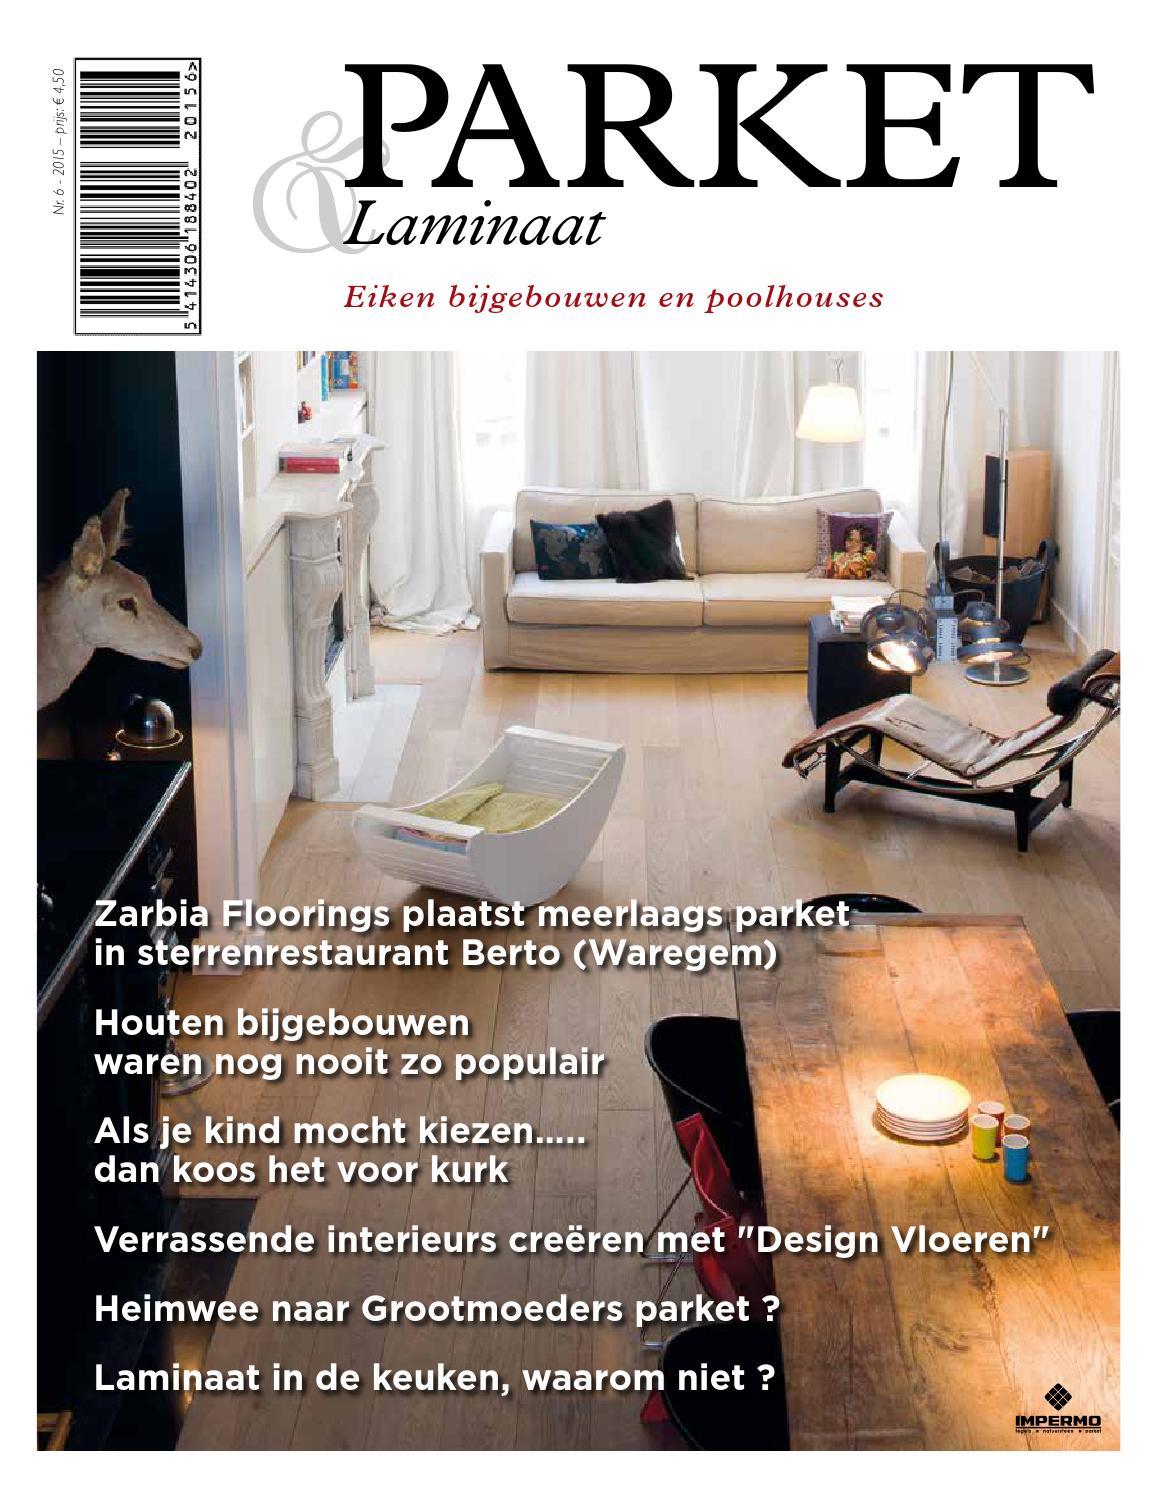 parket laminaat nr 6 by media pact nv ffi bvba issuu